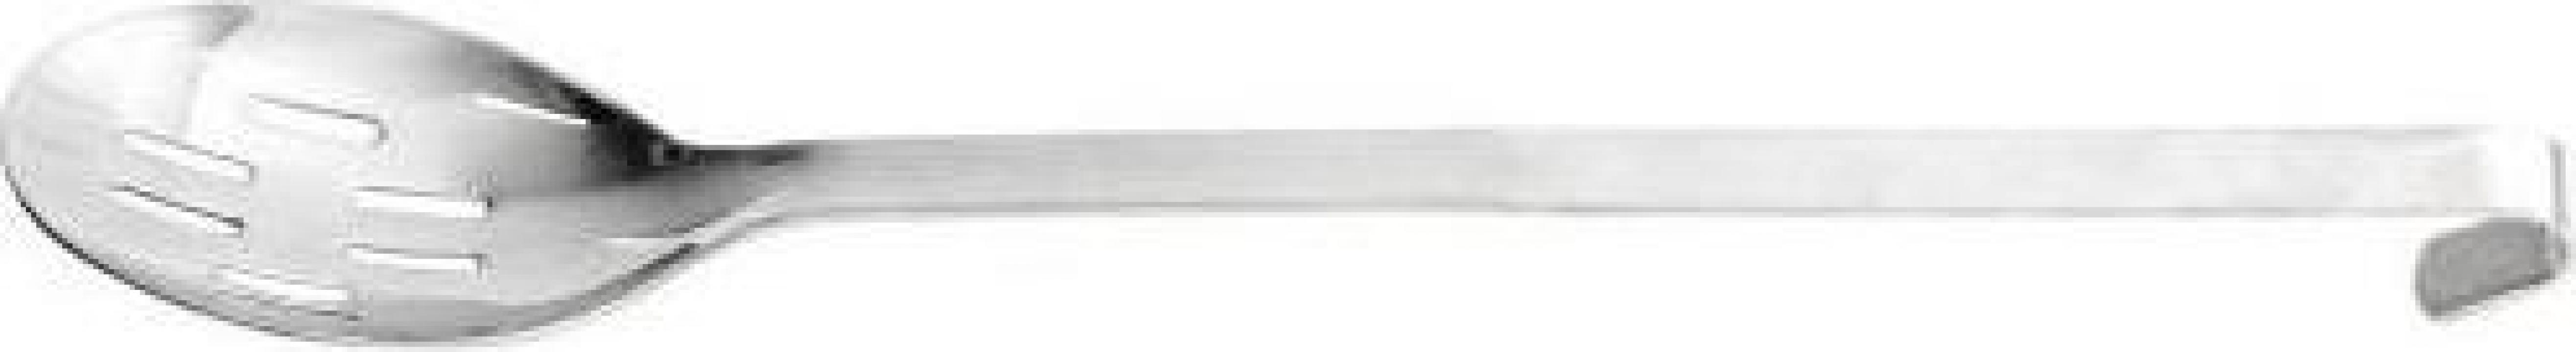 Lingura inox servire perforata monobloc 40 cm